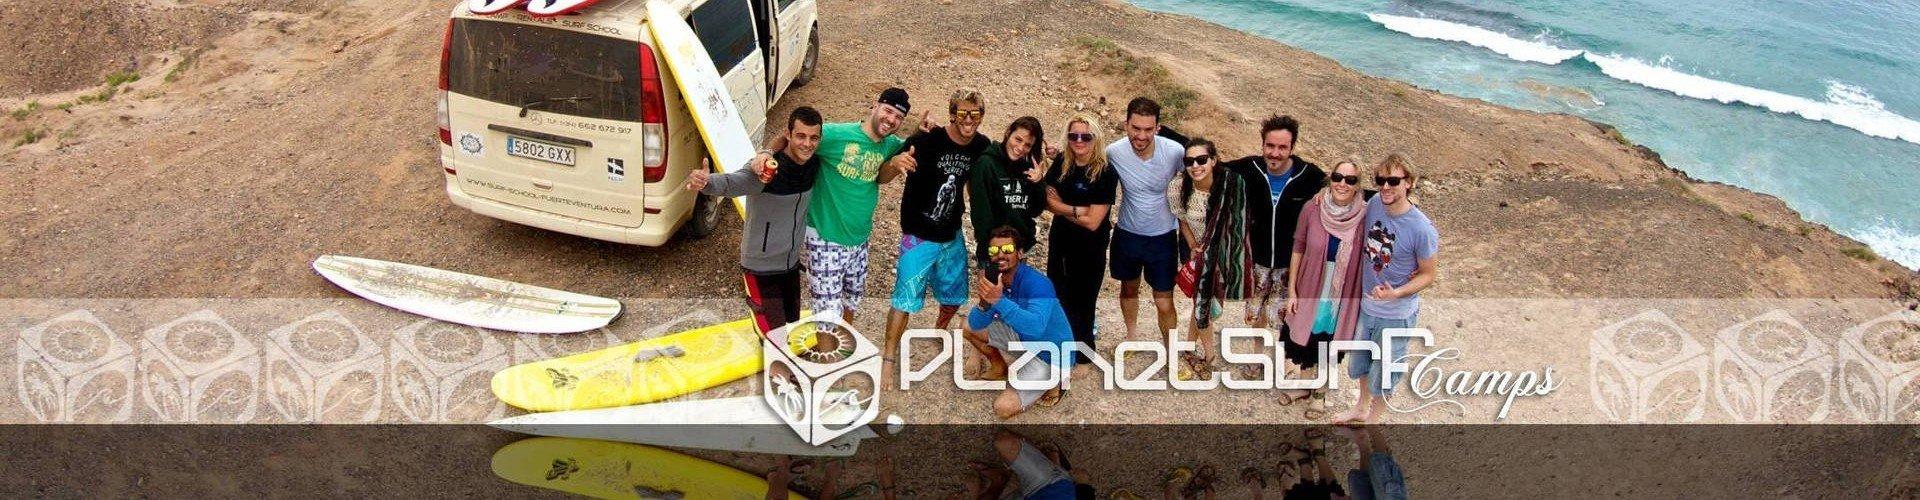 Planet Surf nach dem Kurs in den Kanarischen Inseln